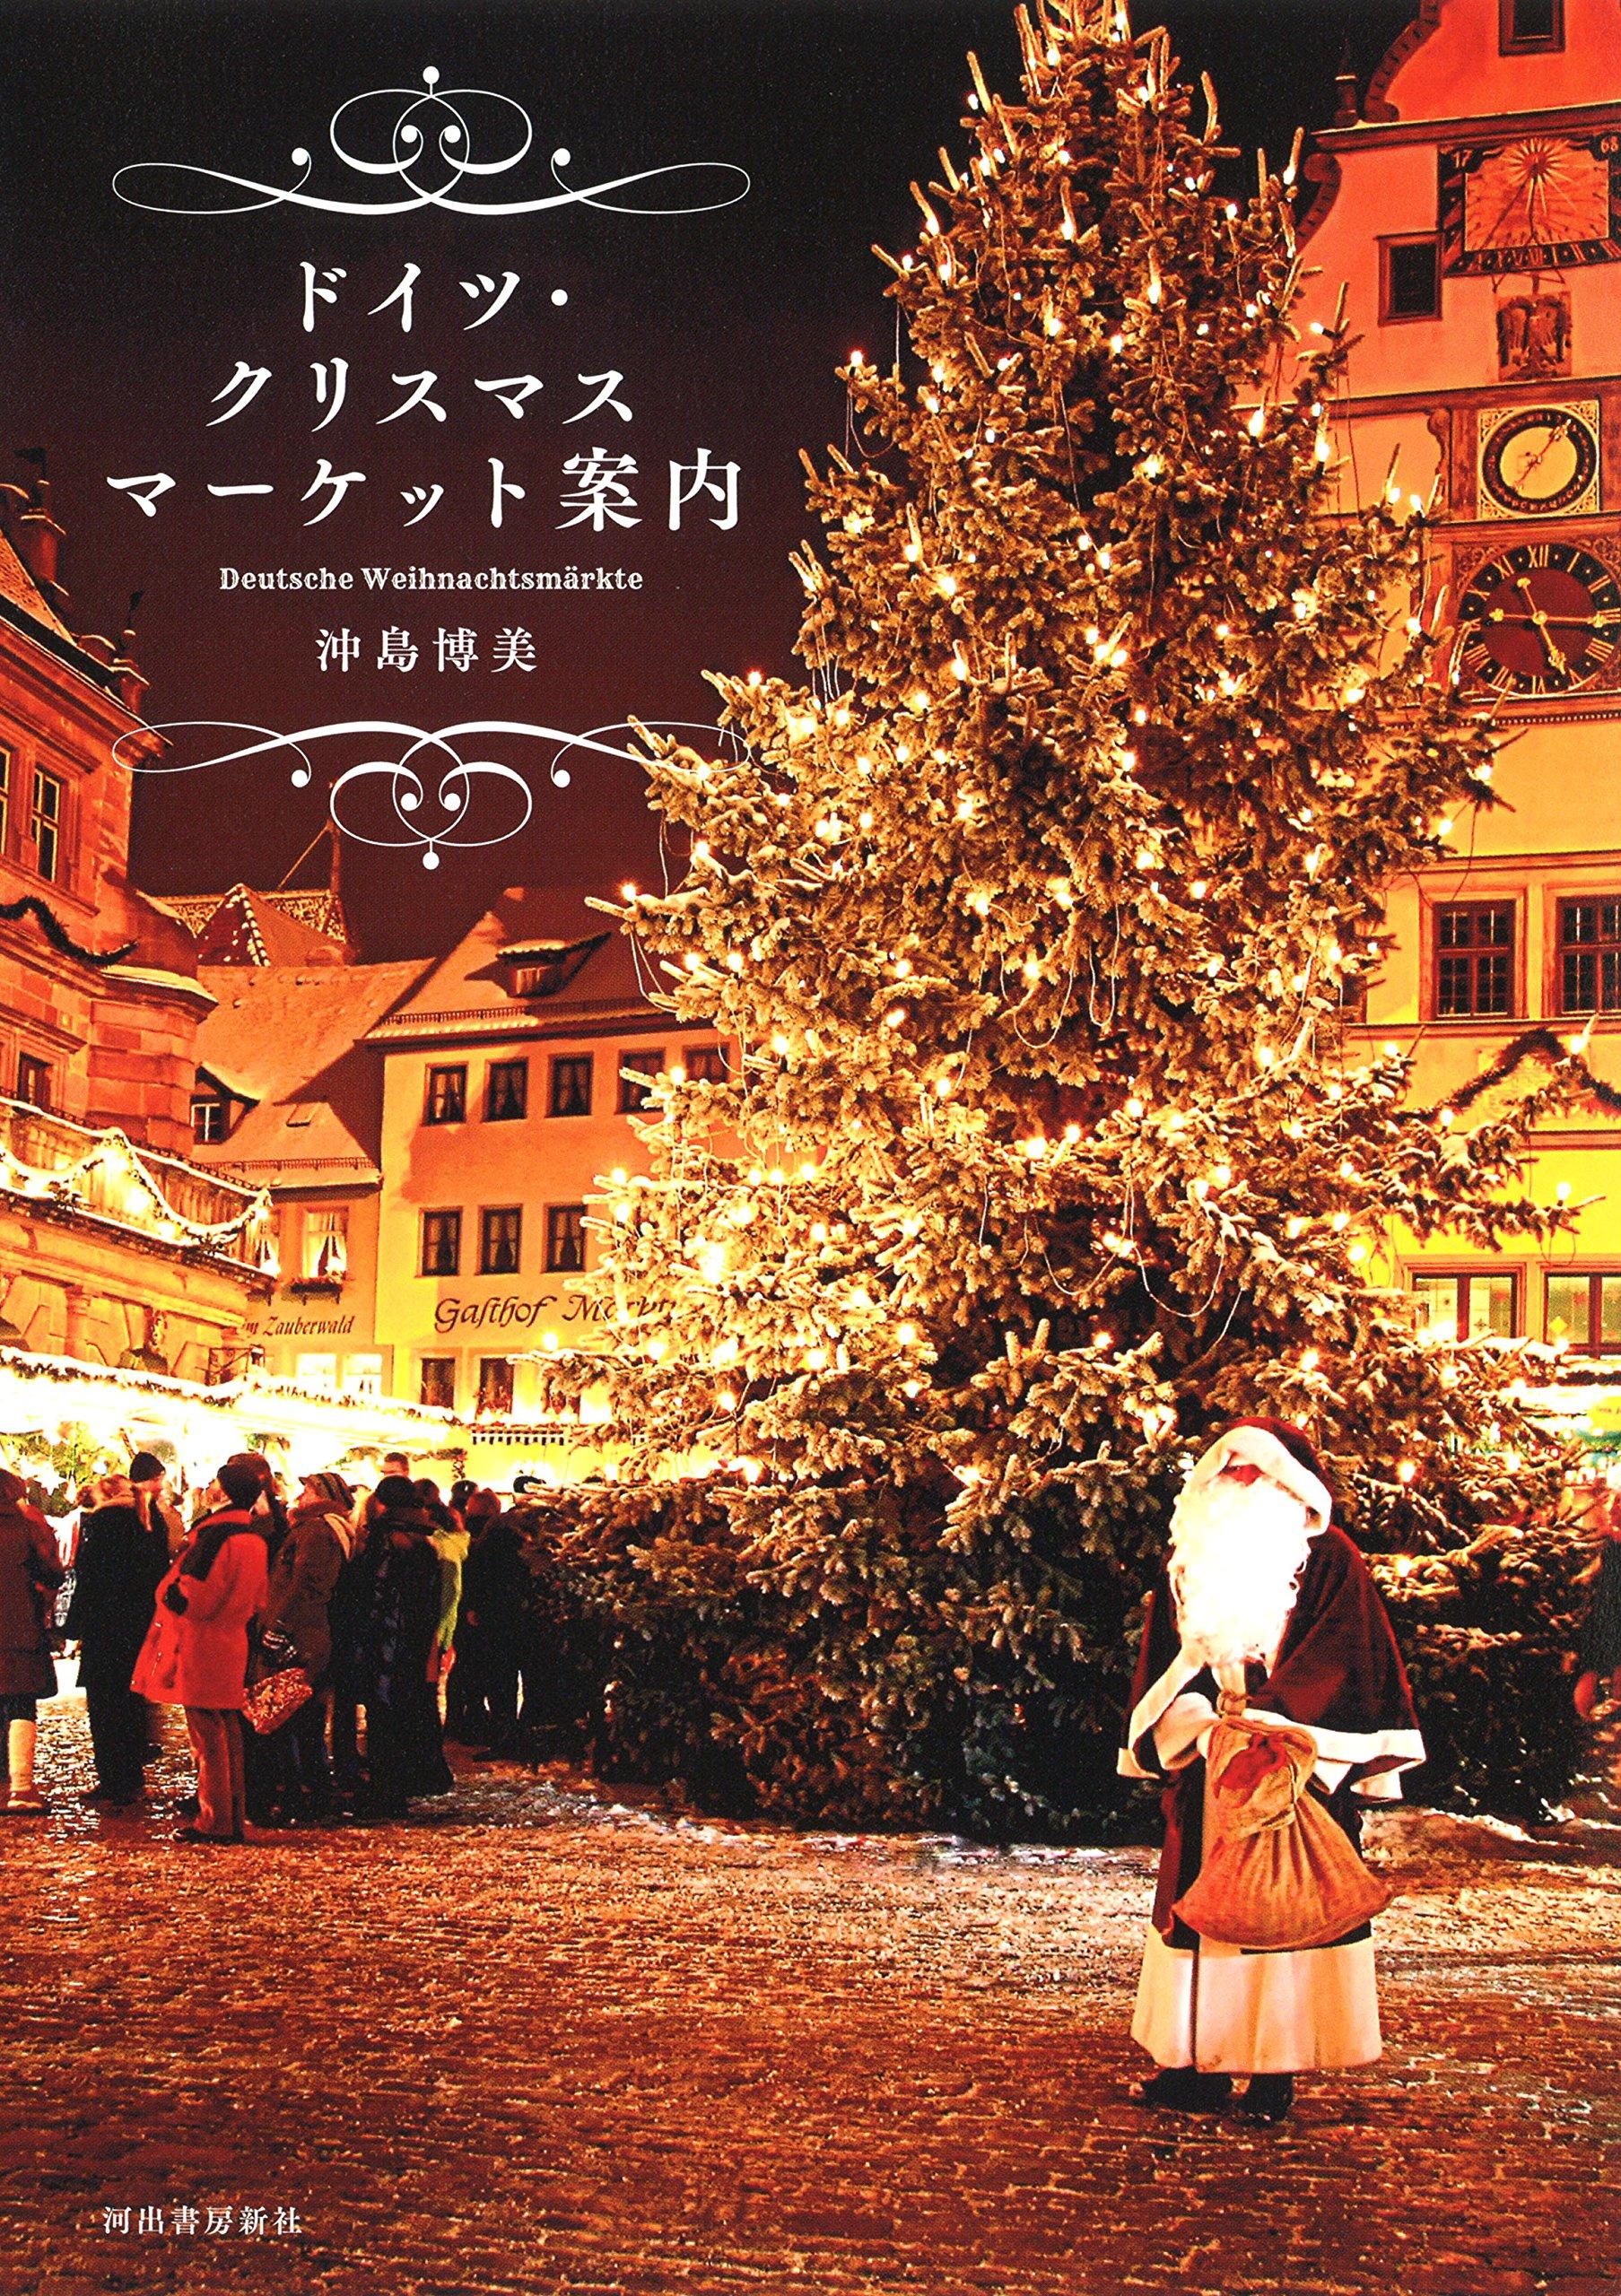 ドイツクリスマスマーケット案内...